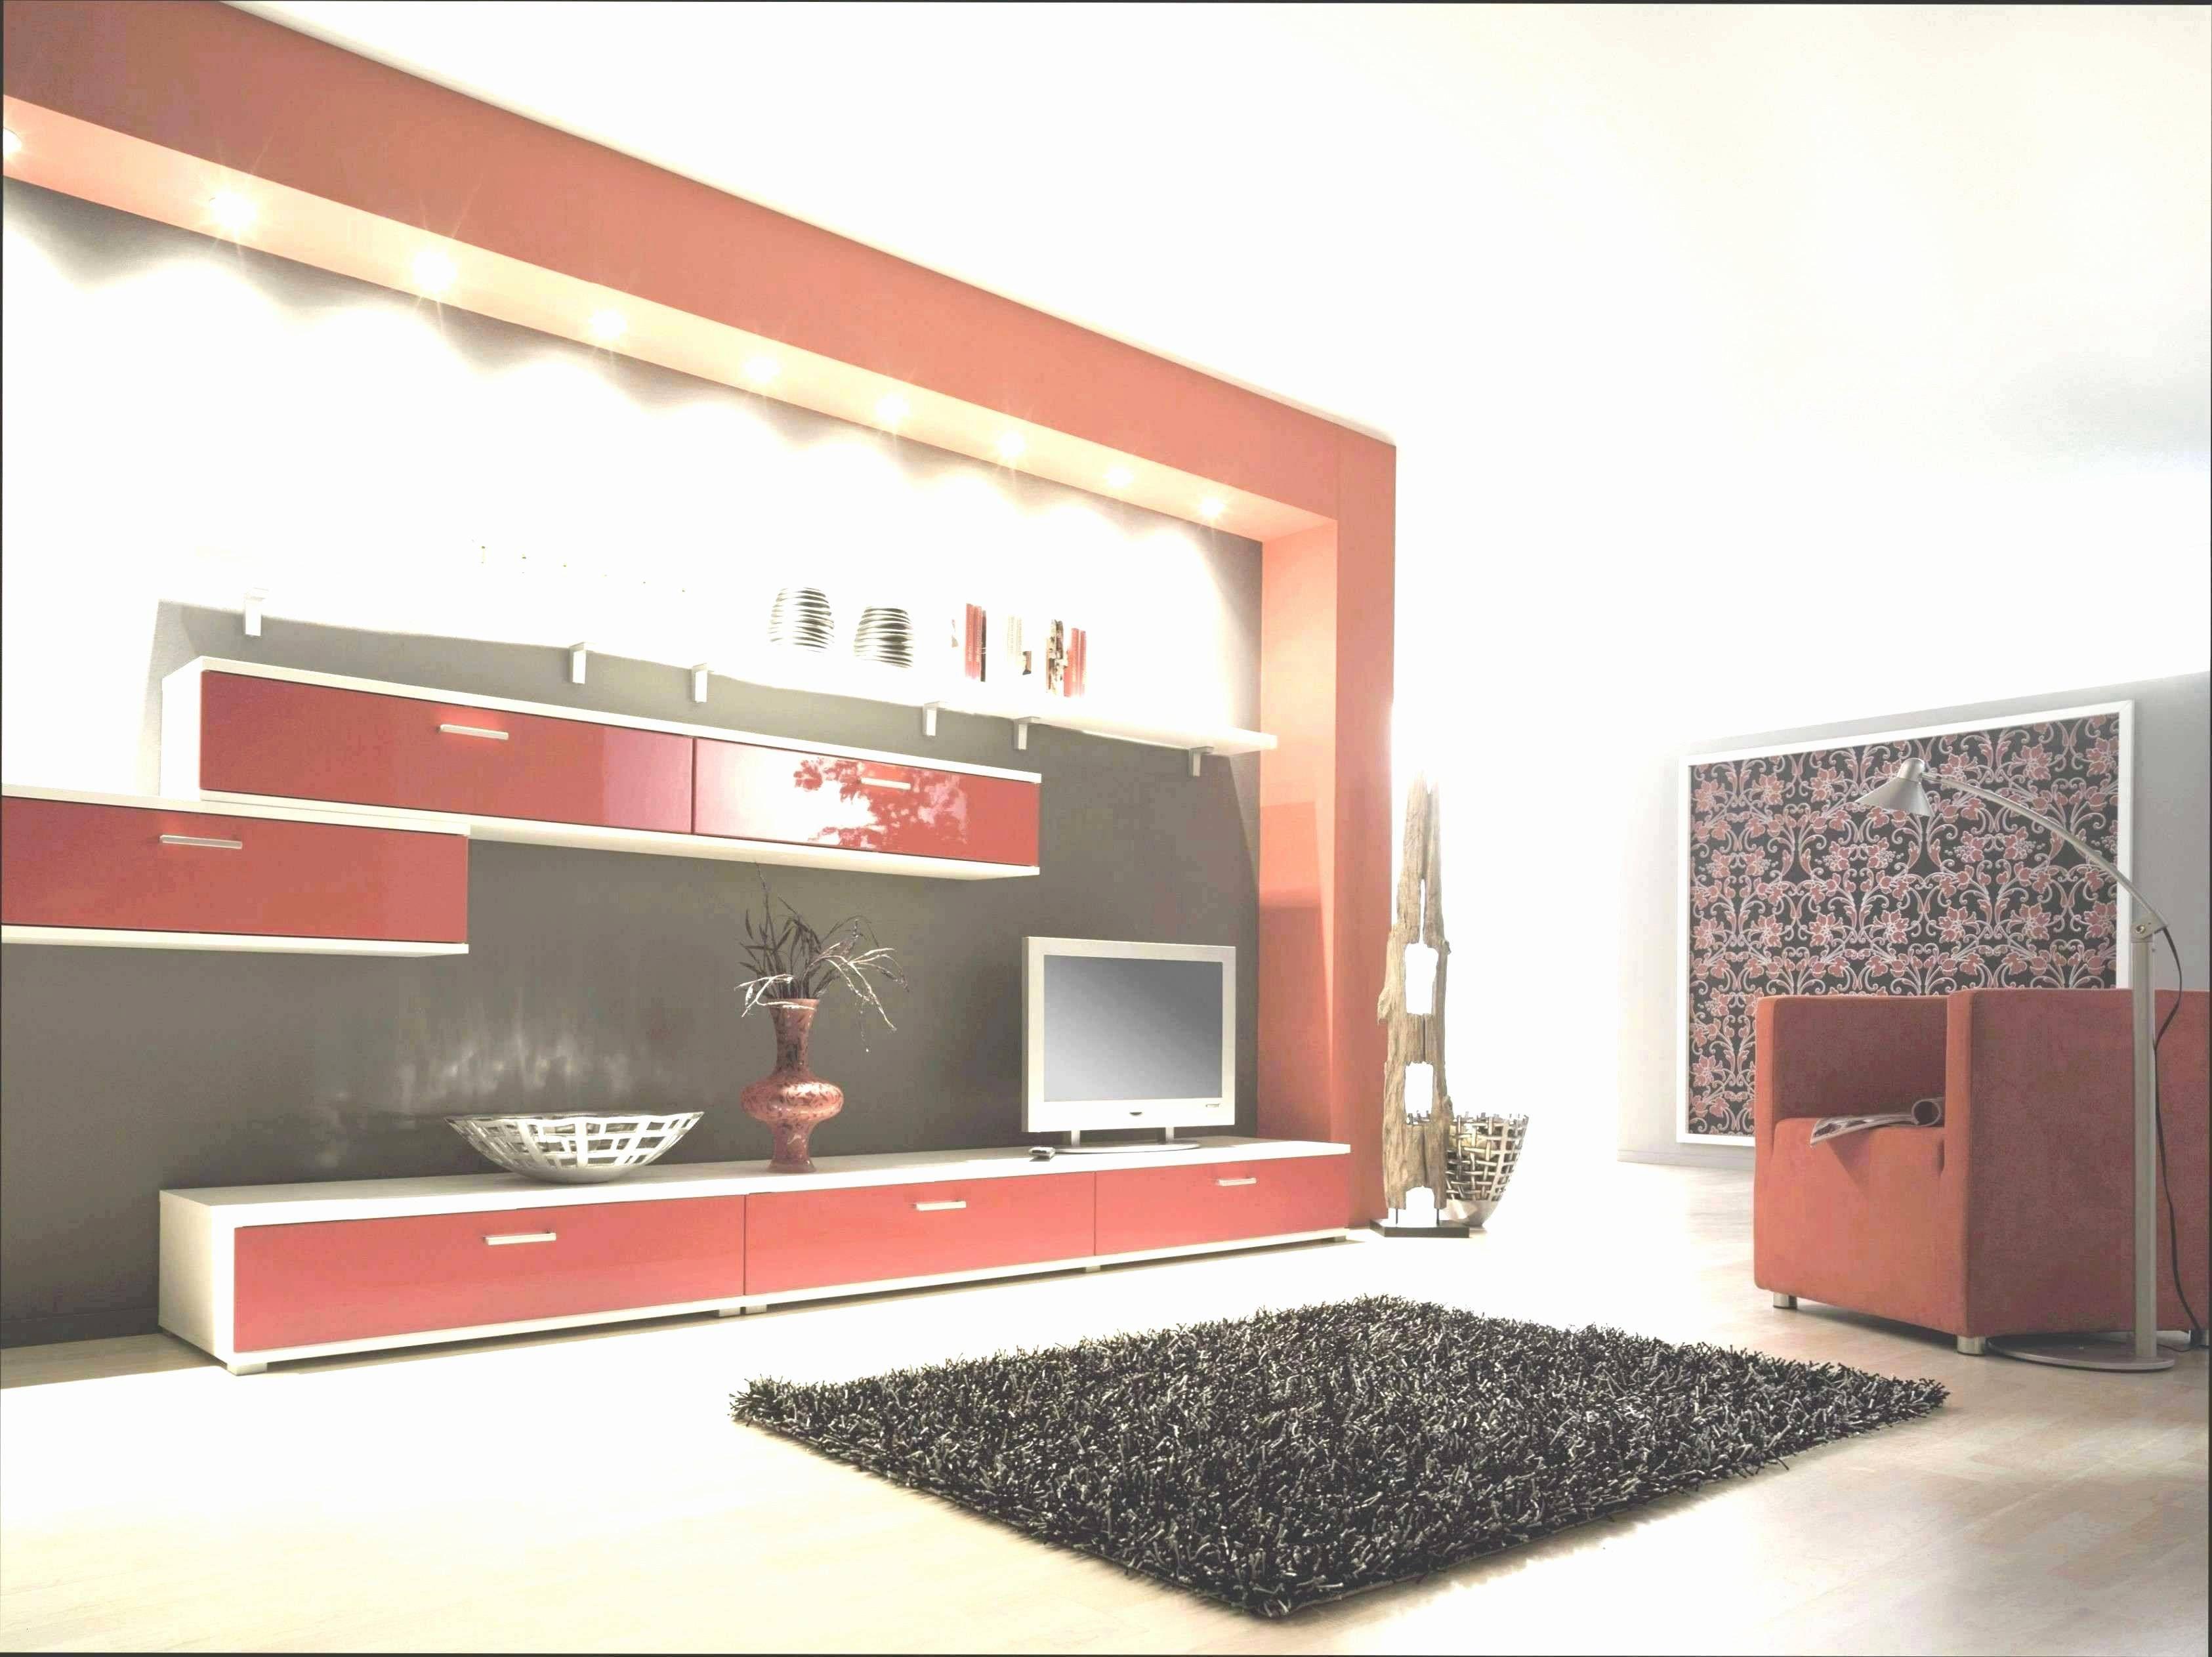 Arabische Deko Wohnzimmer Orientalisch Einrichten Best Of Hausbauen Gartenideen Wohnungkuche Garten Hau Bar Wall Decor House Design Wall Bar